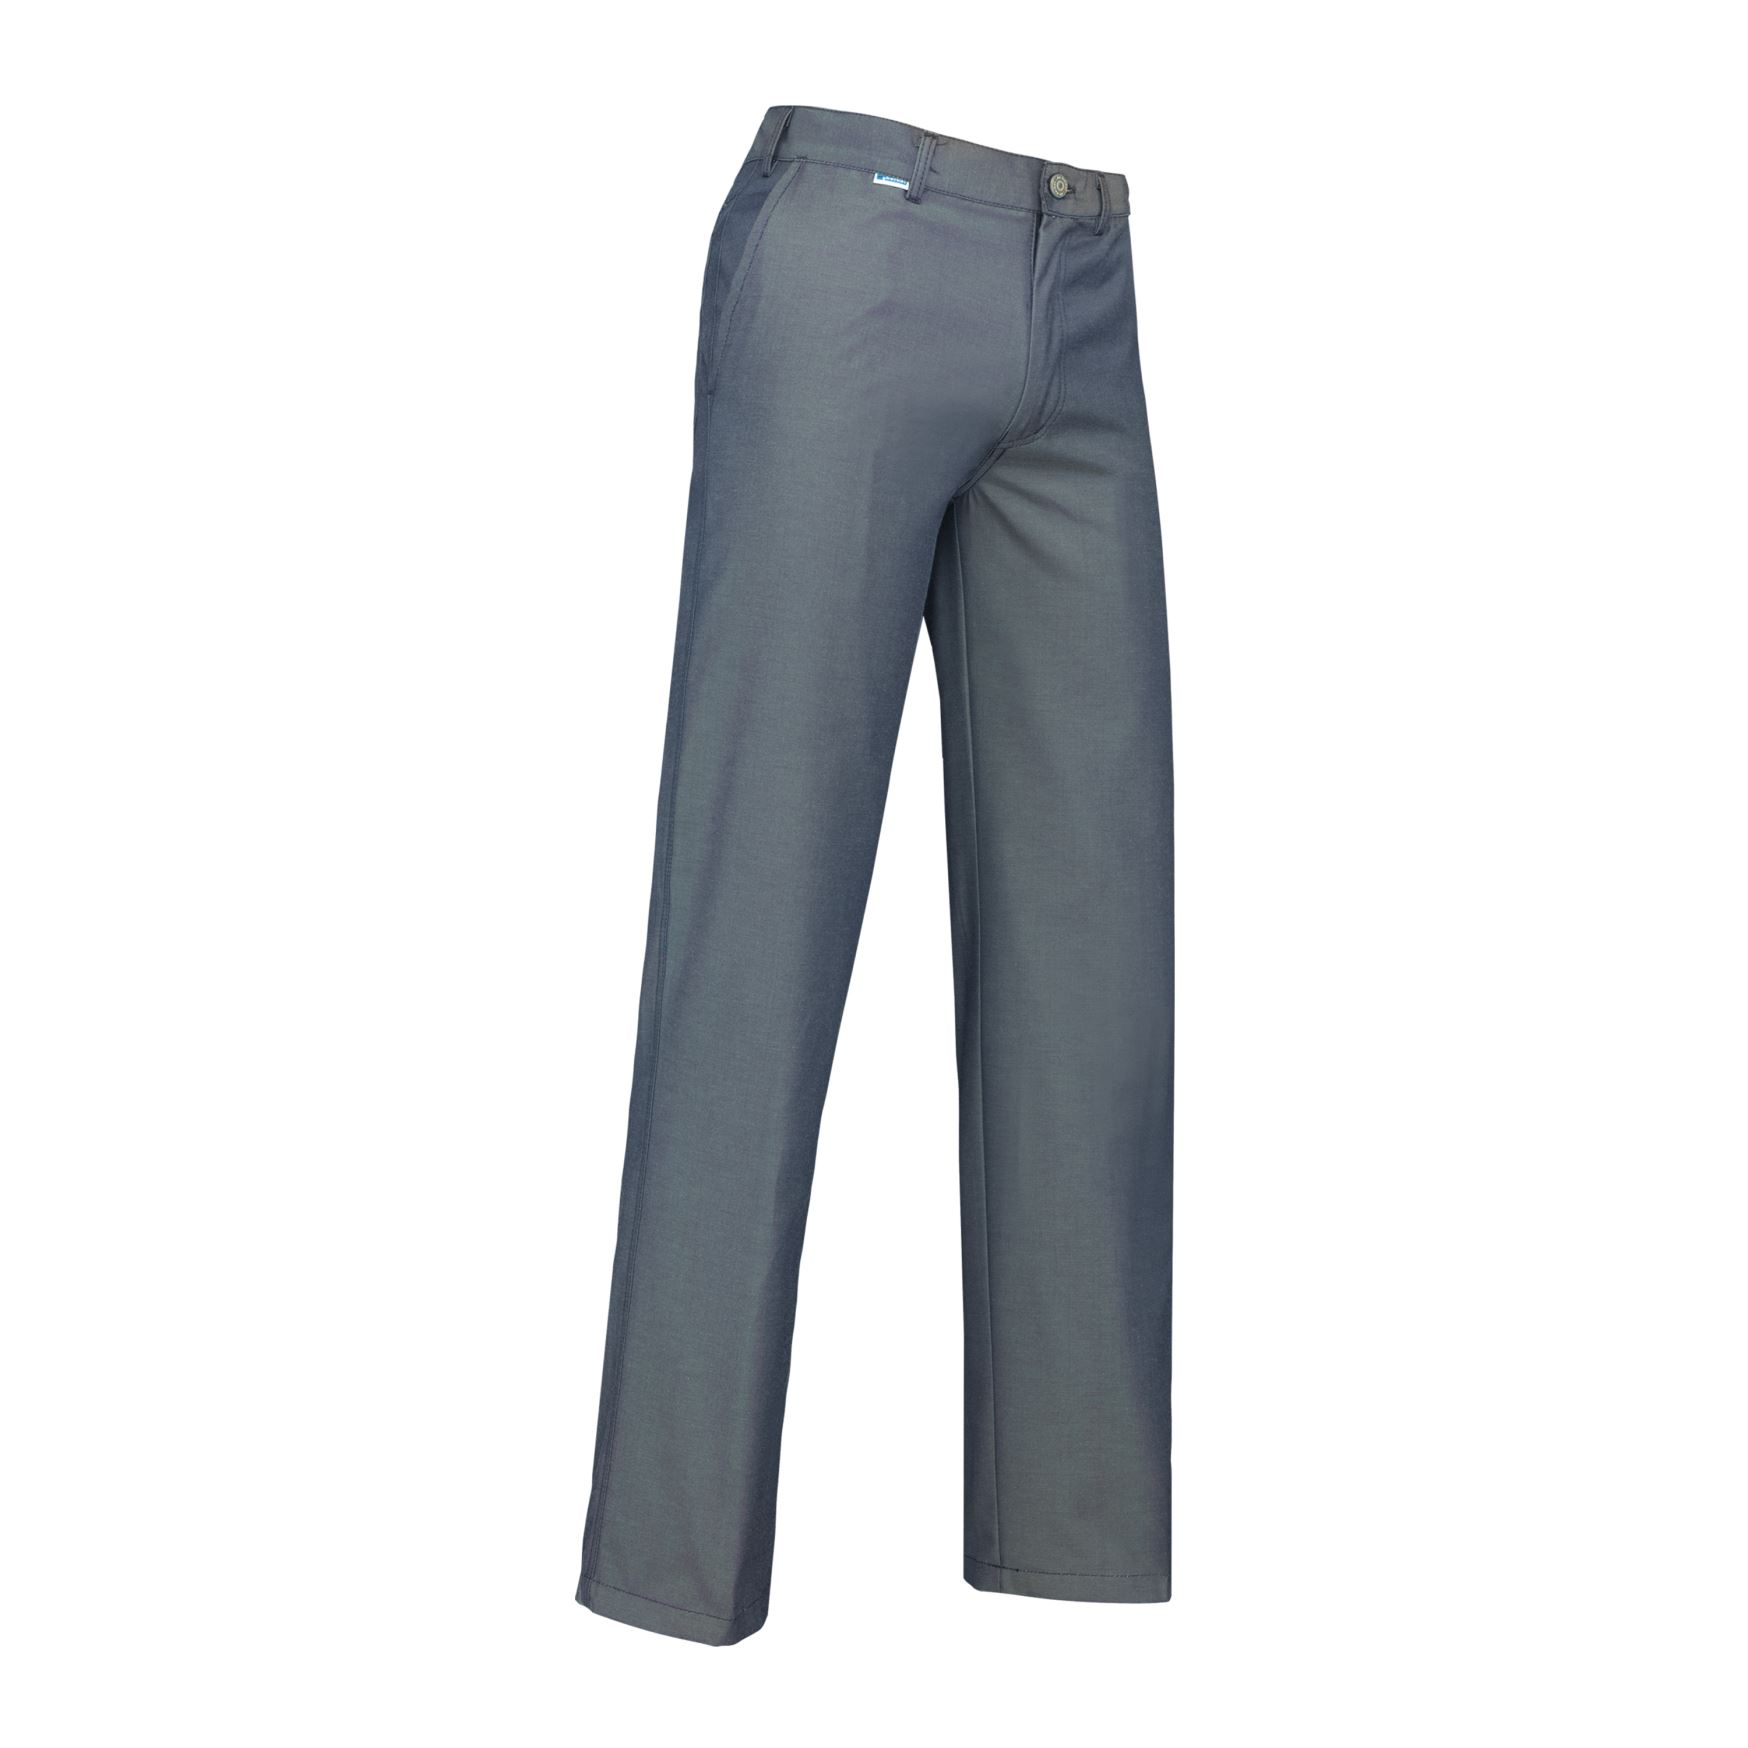 De Berkel Pantalon Thomas